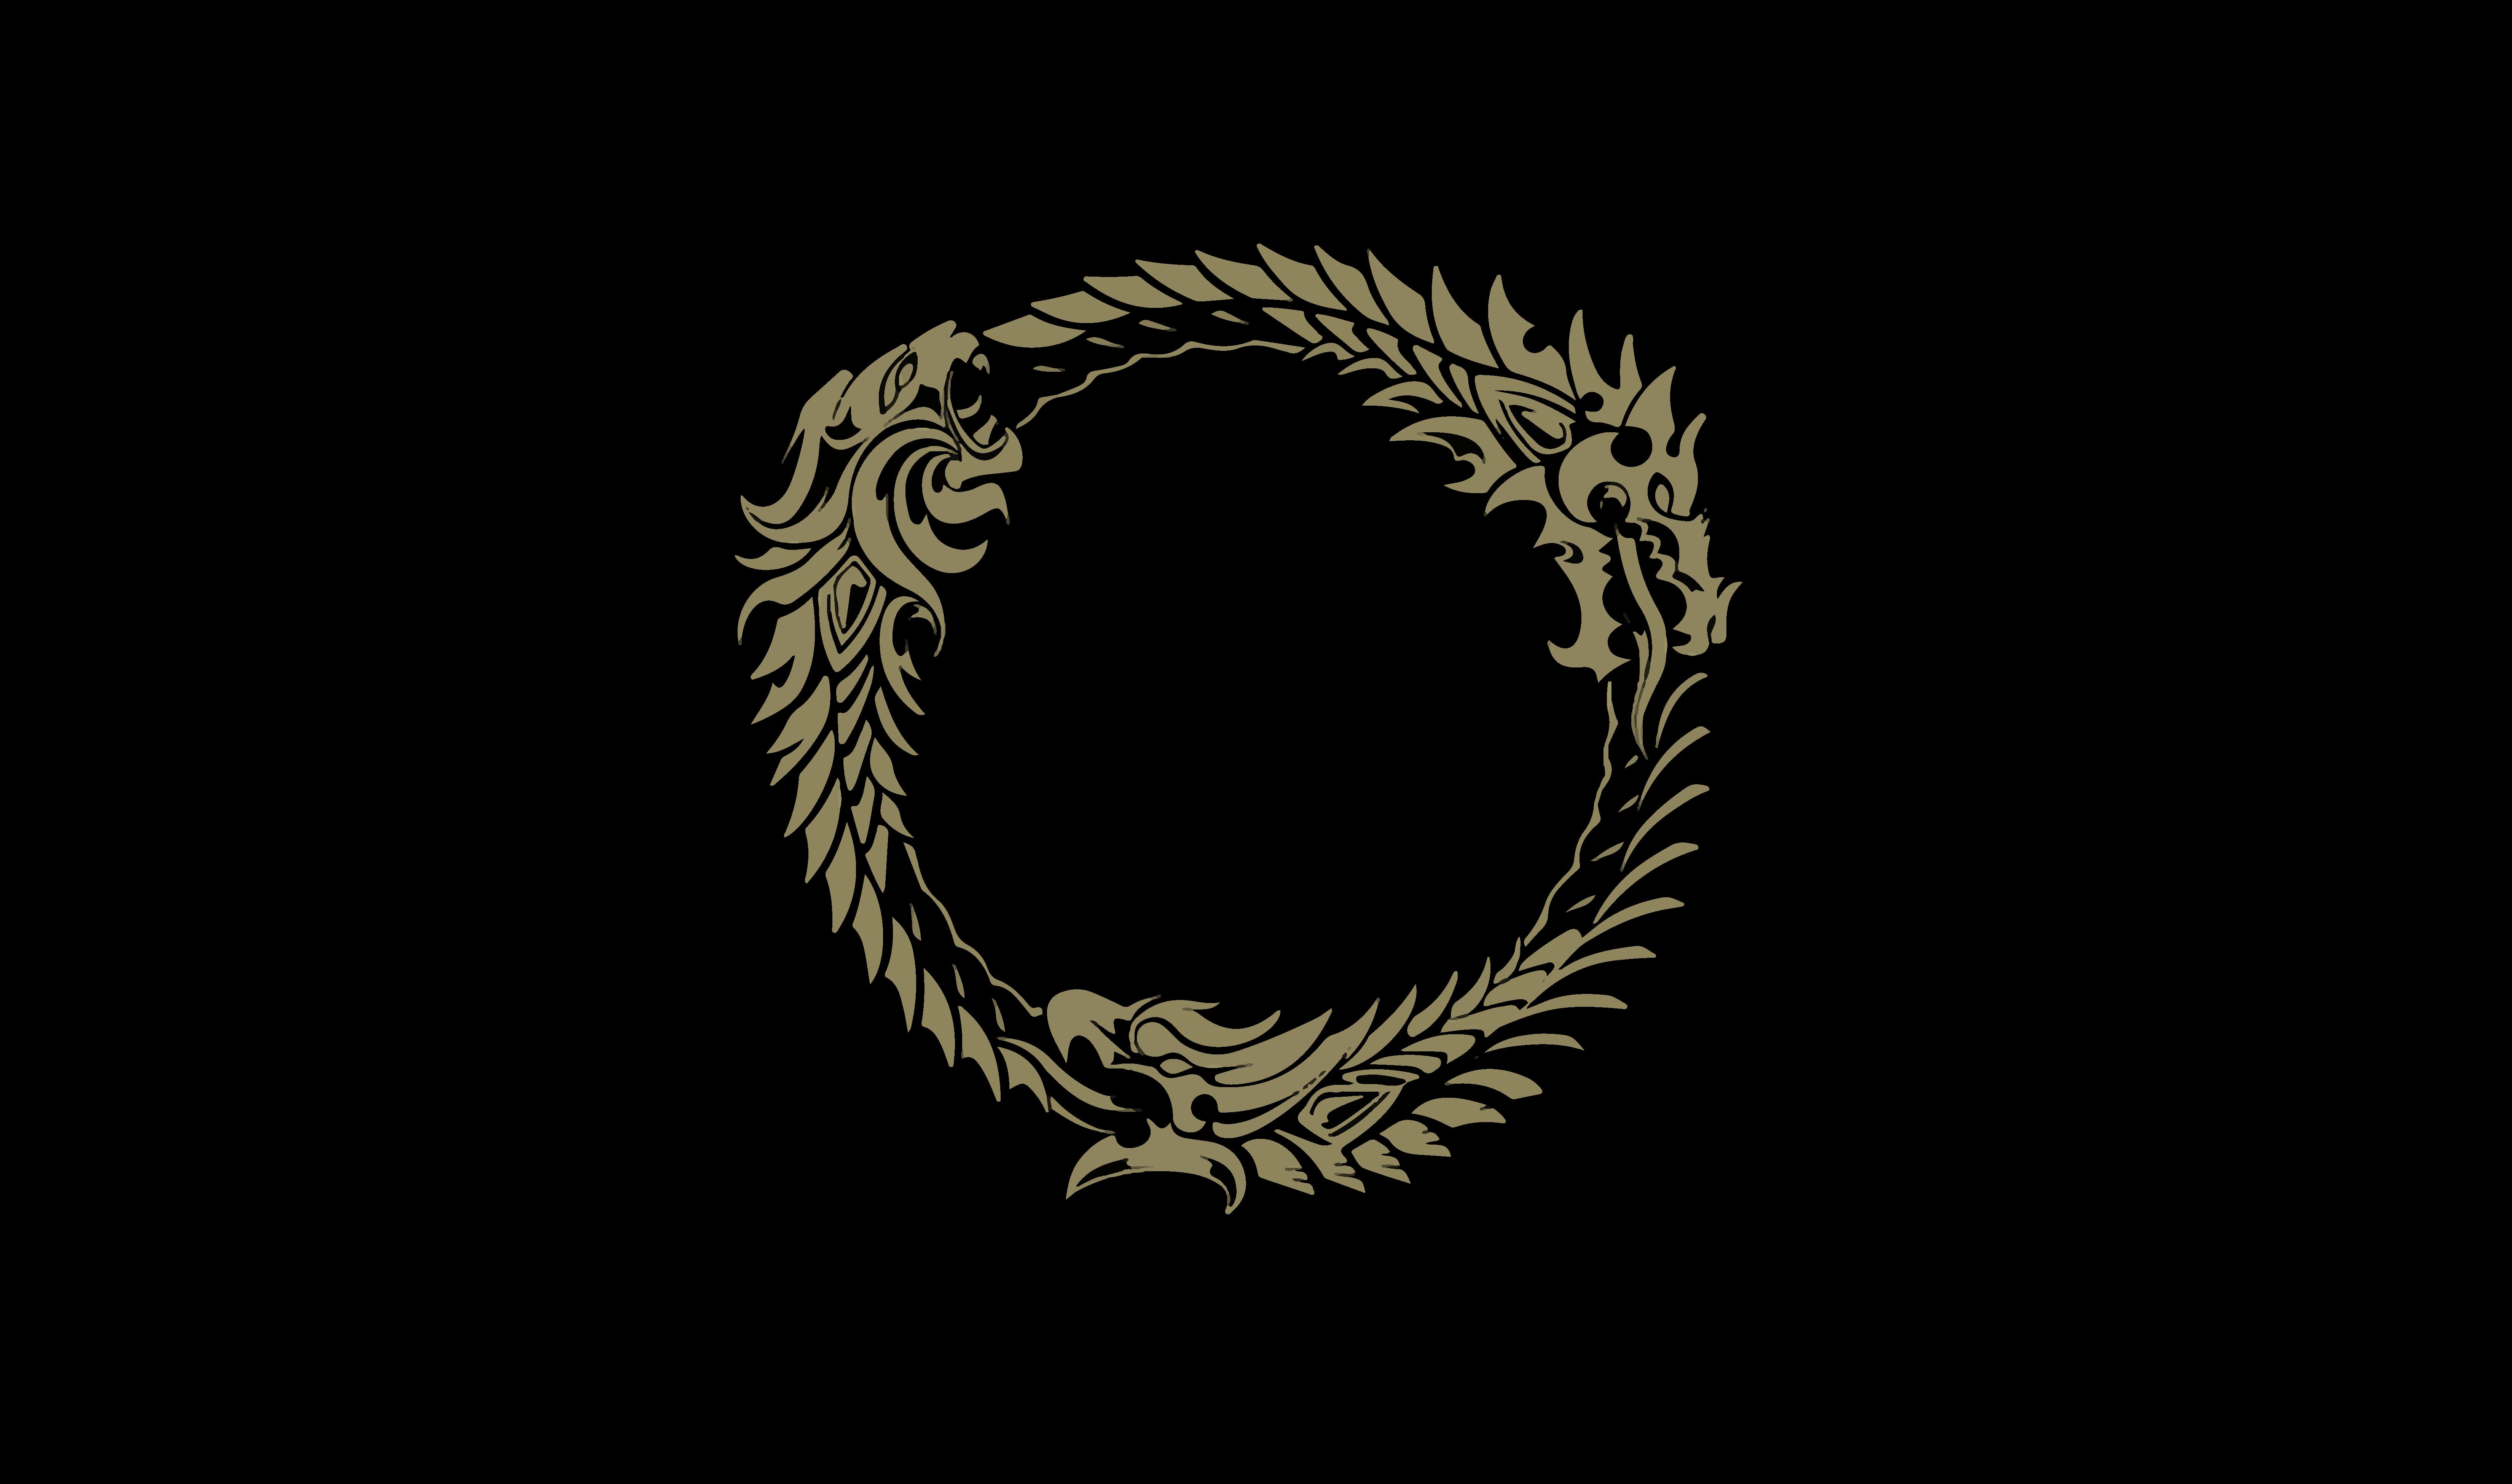 Elder Scrolls Online vs Skyrim Comparing Riften